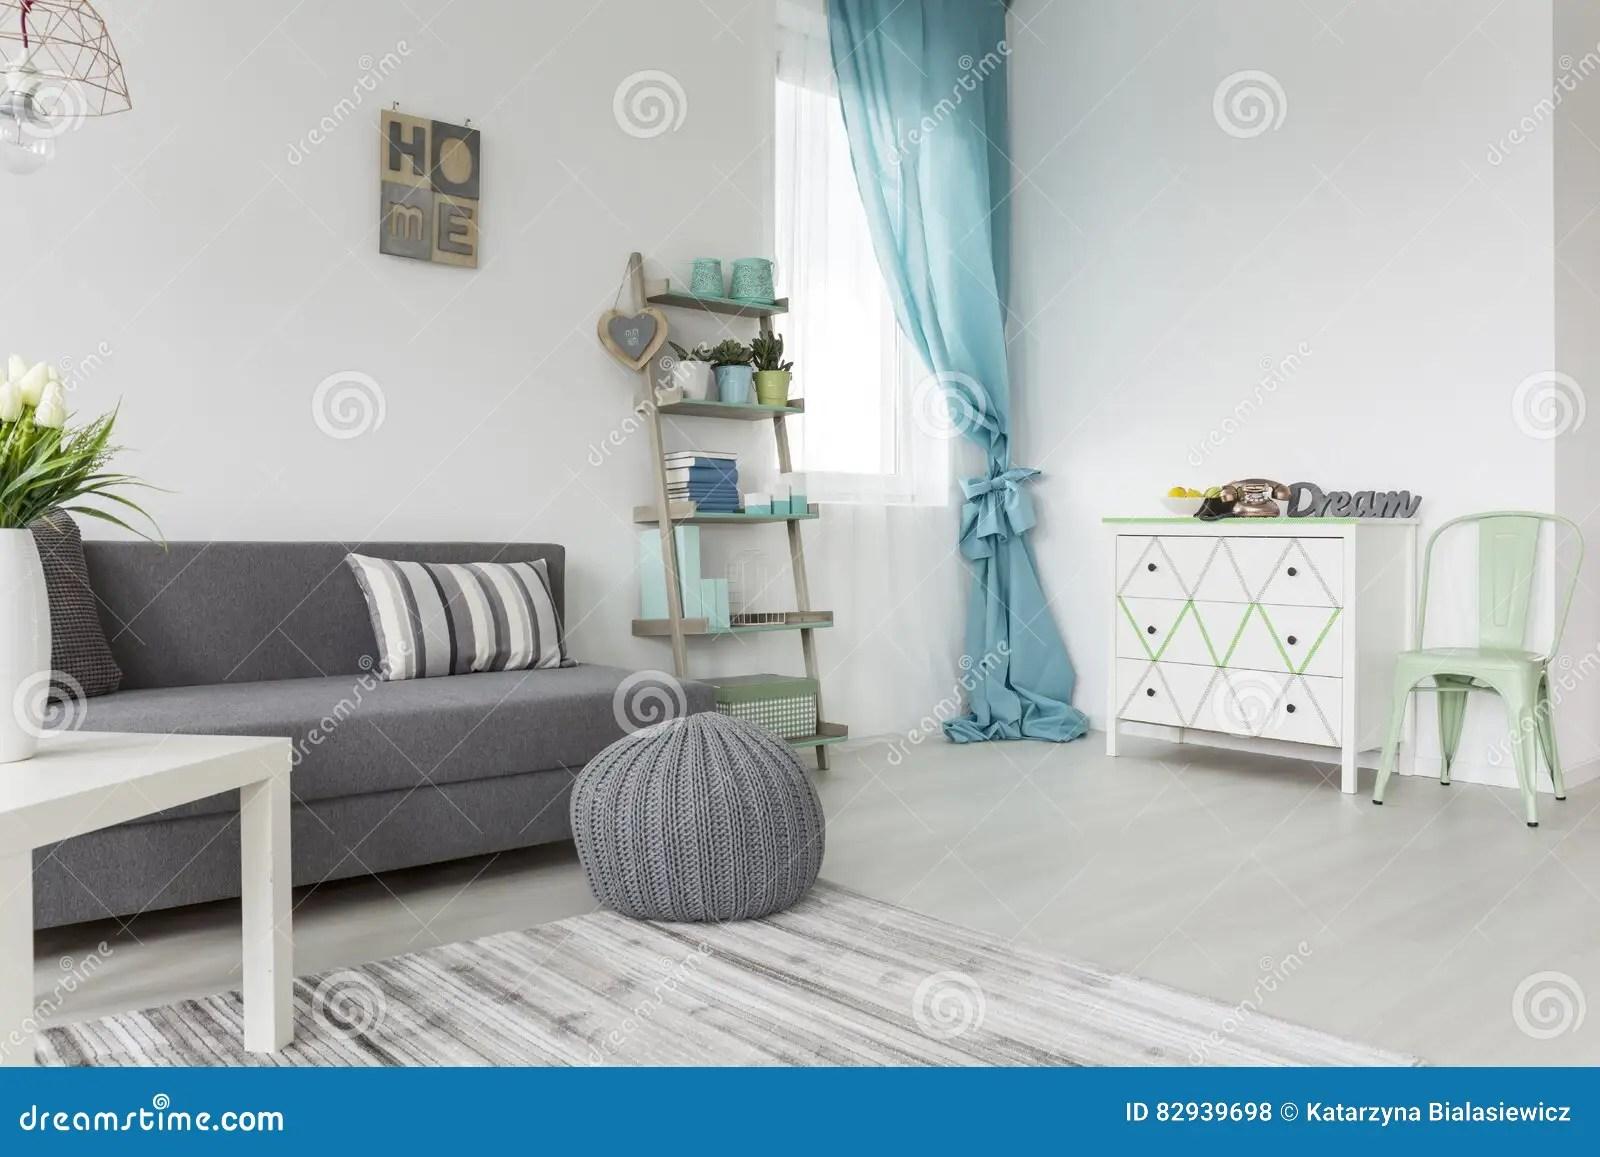 Woonkamer In Grijs En Pastelkleuren Stock Foto